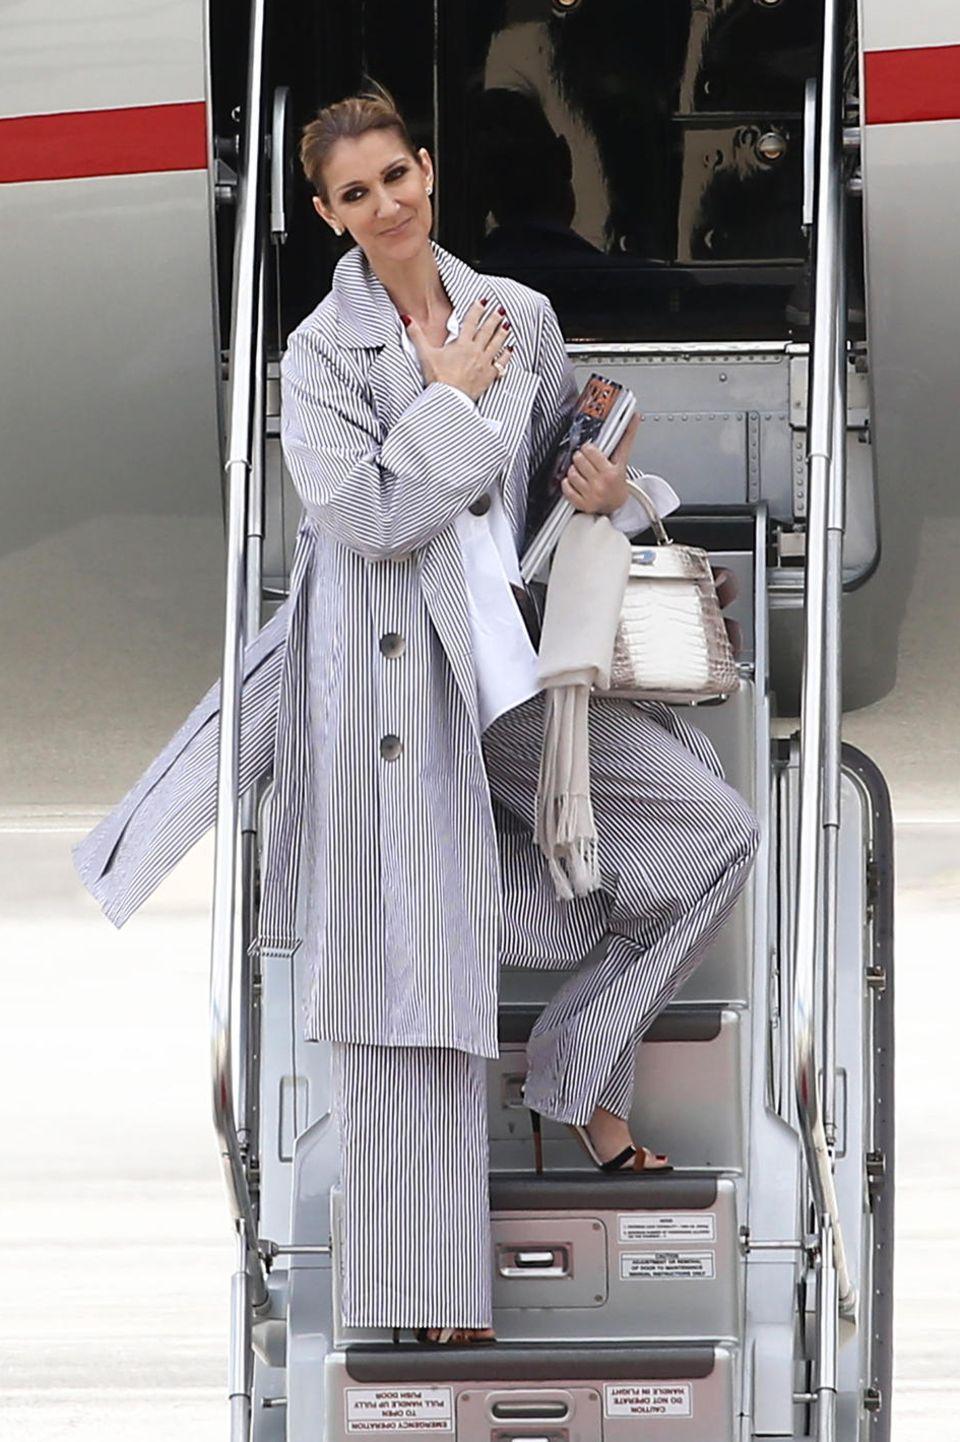 Ist die Fashion-Show jetzt vorbei? Pop-Diva verlässt Paris nach ihrer zweimonatigen Europa-Tournee.